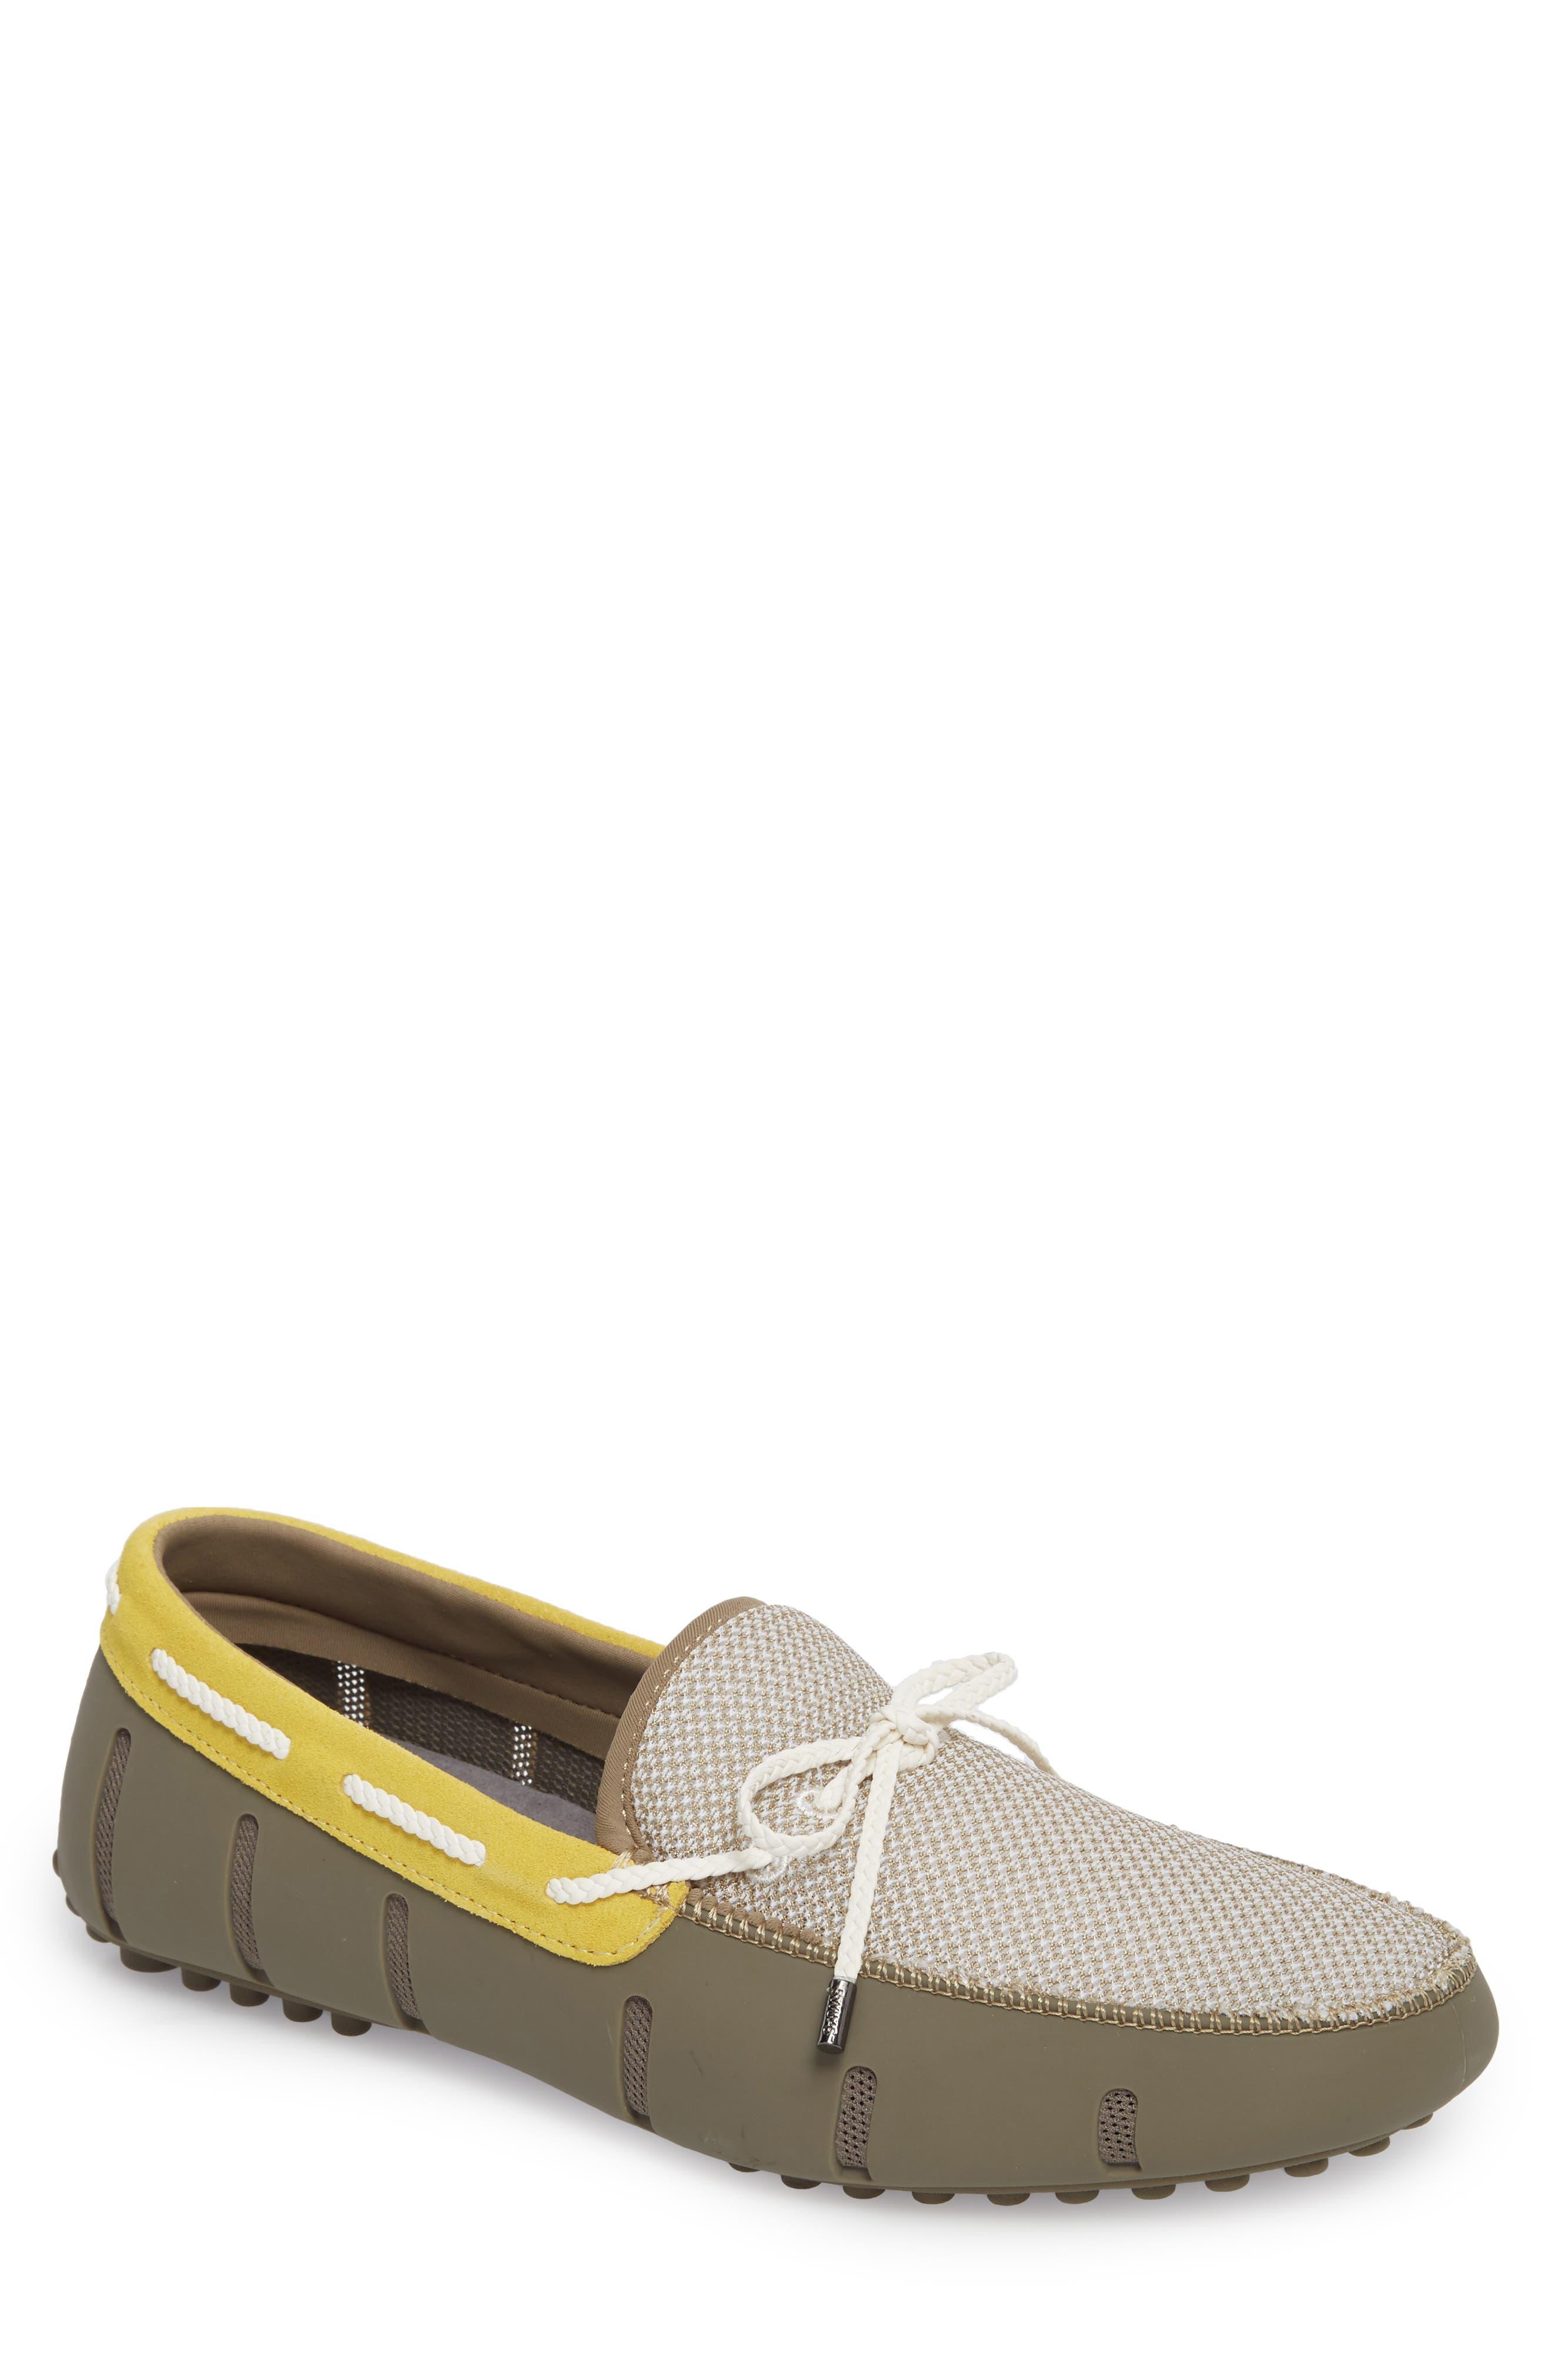 Driving Shoe,                             Main thumbnail 1, color,                             KHAKI/ FADED LEMON/ WHITE